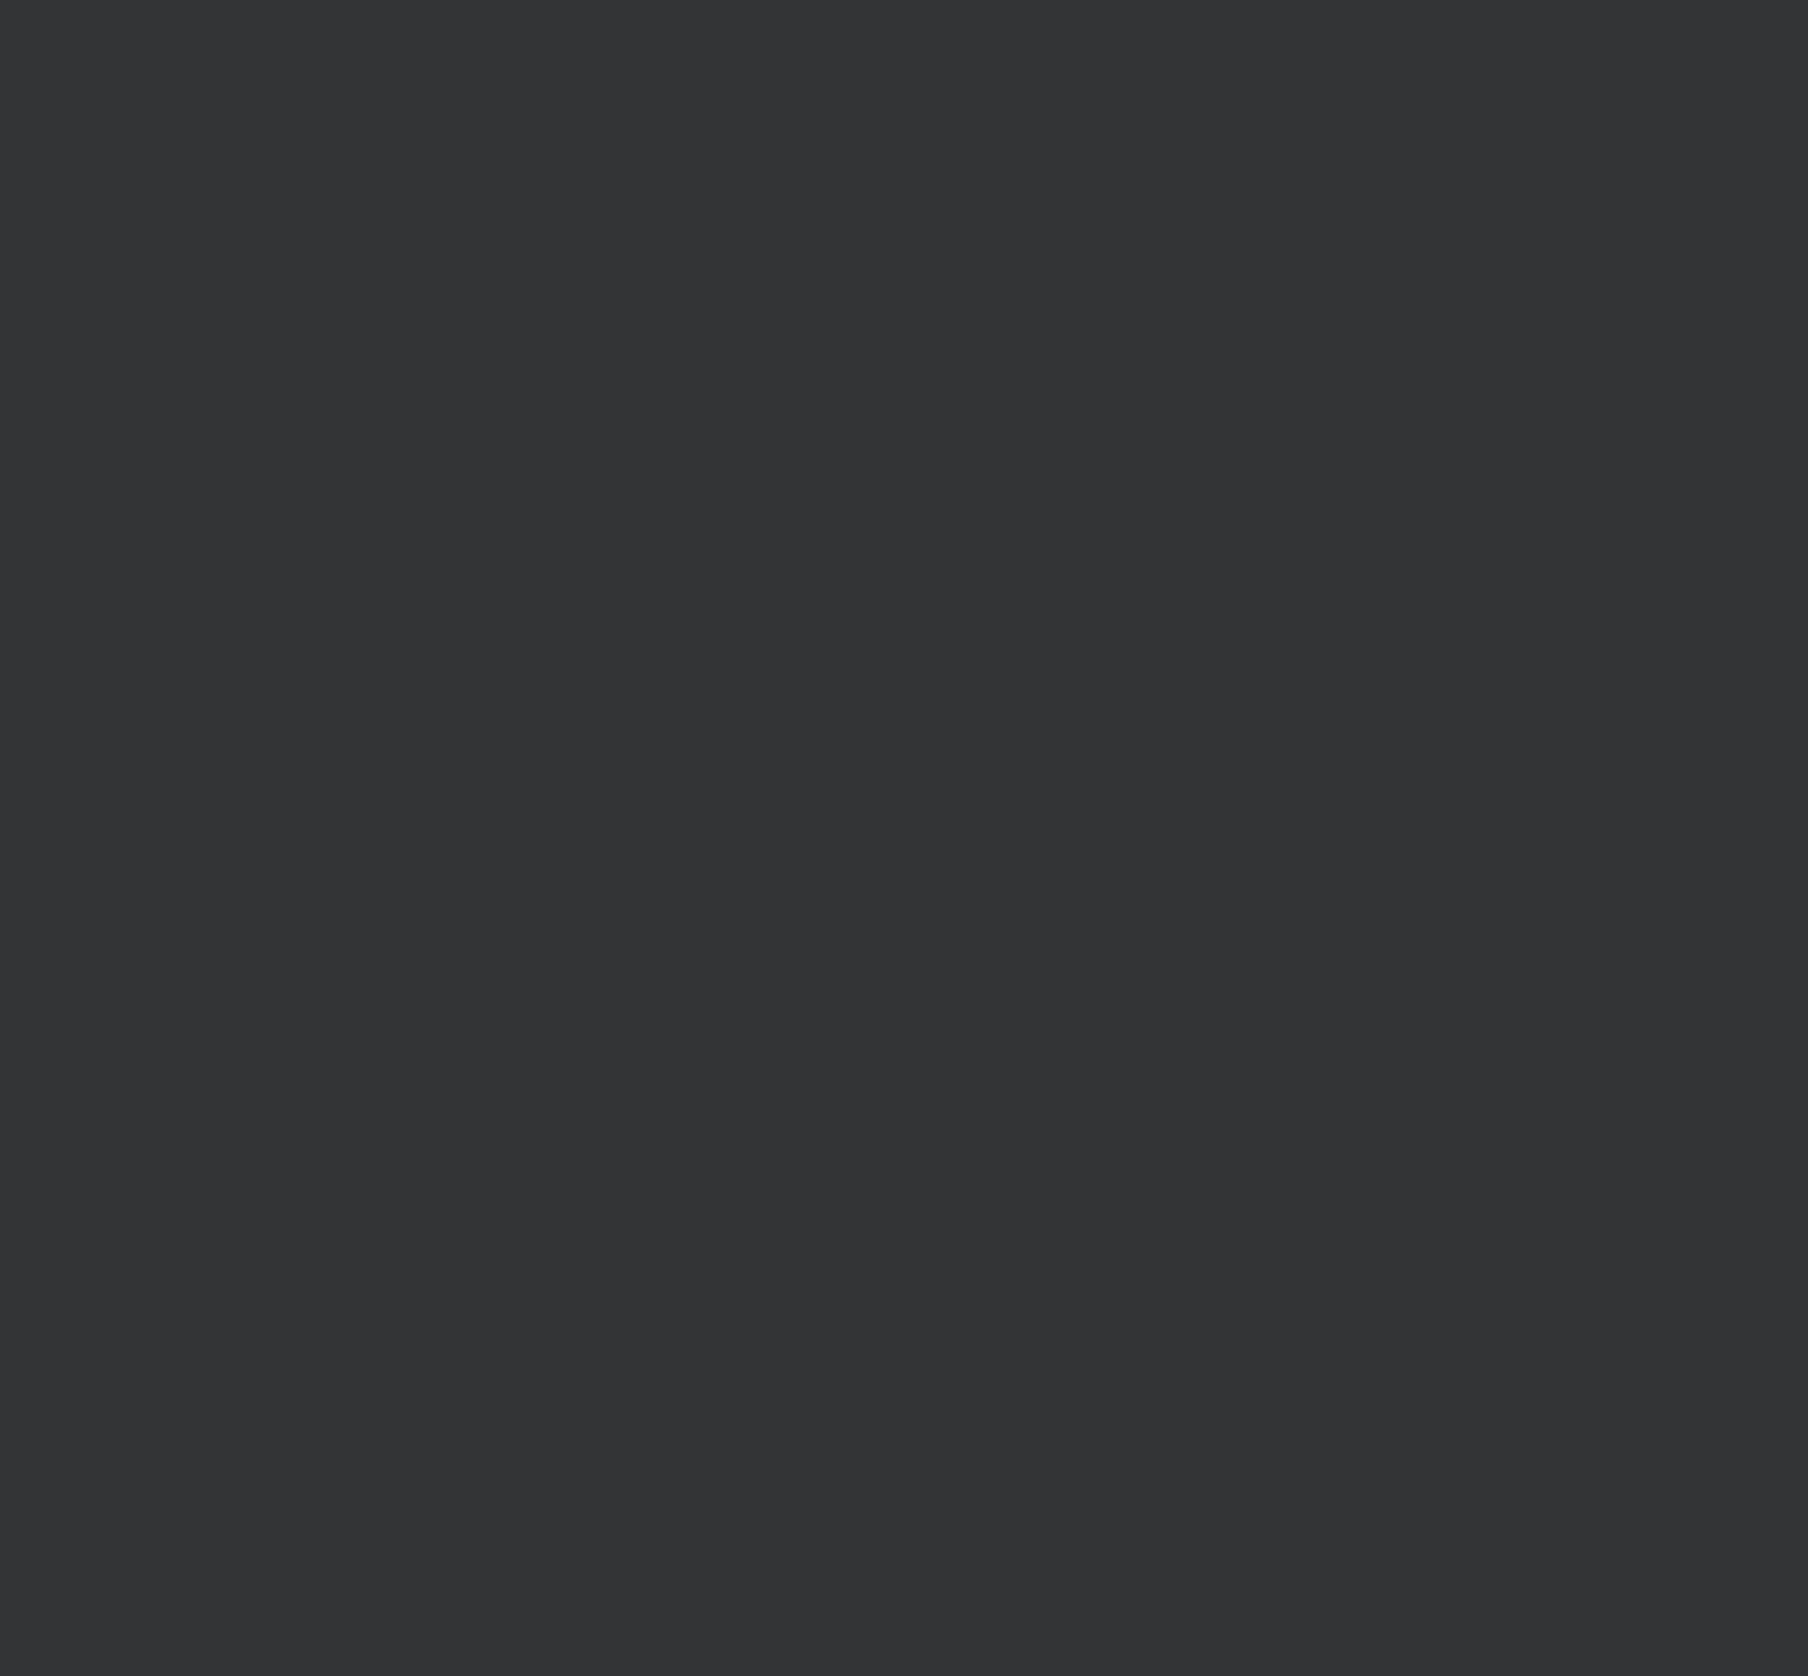 Lutownice, urządzenia produkcyjne, meble ESD, warsztaty, urządzenia inspekcyjne, roboty, pochłaniacze, linie produkcyjne